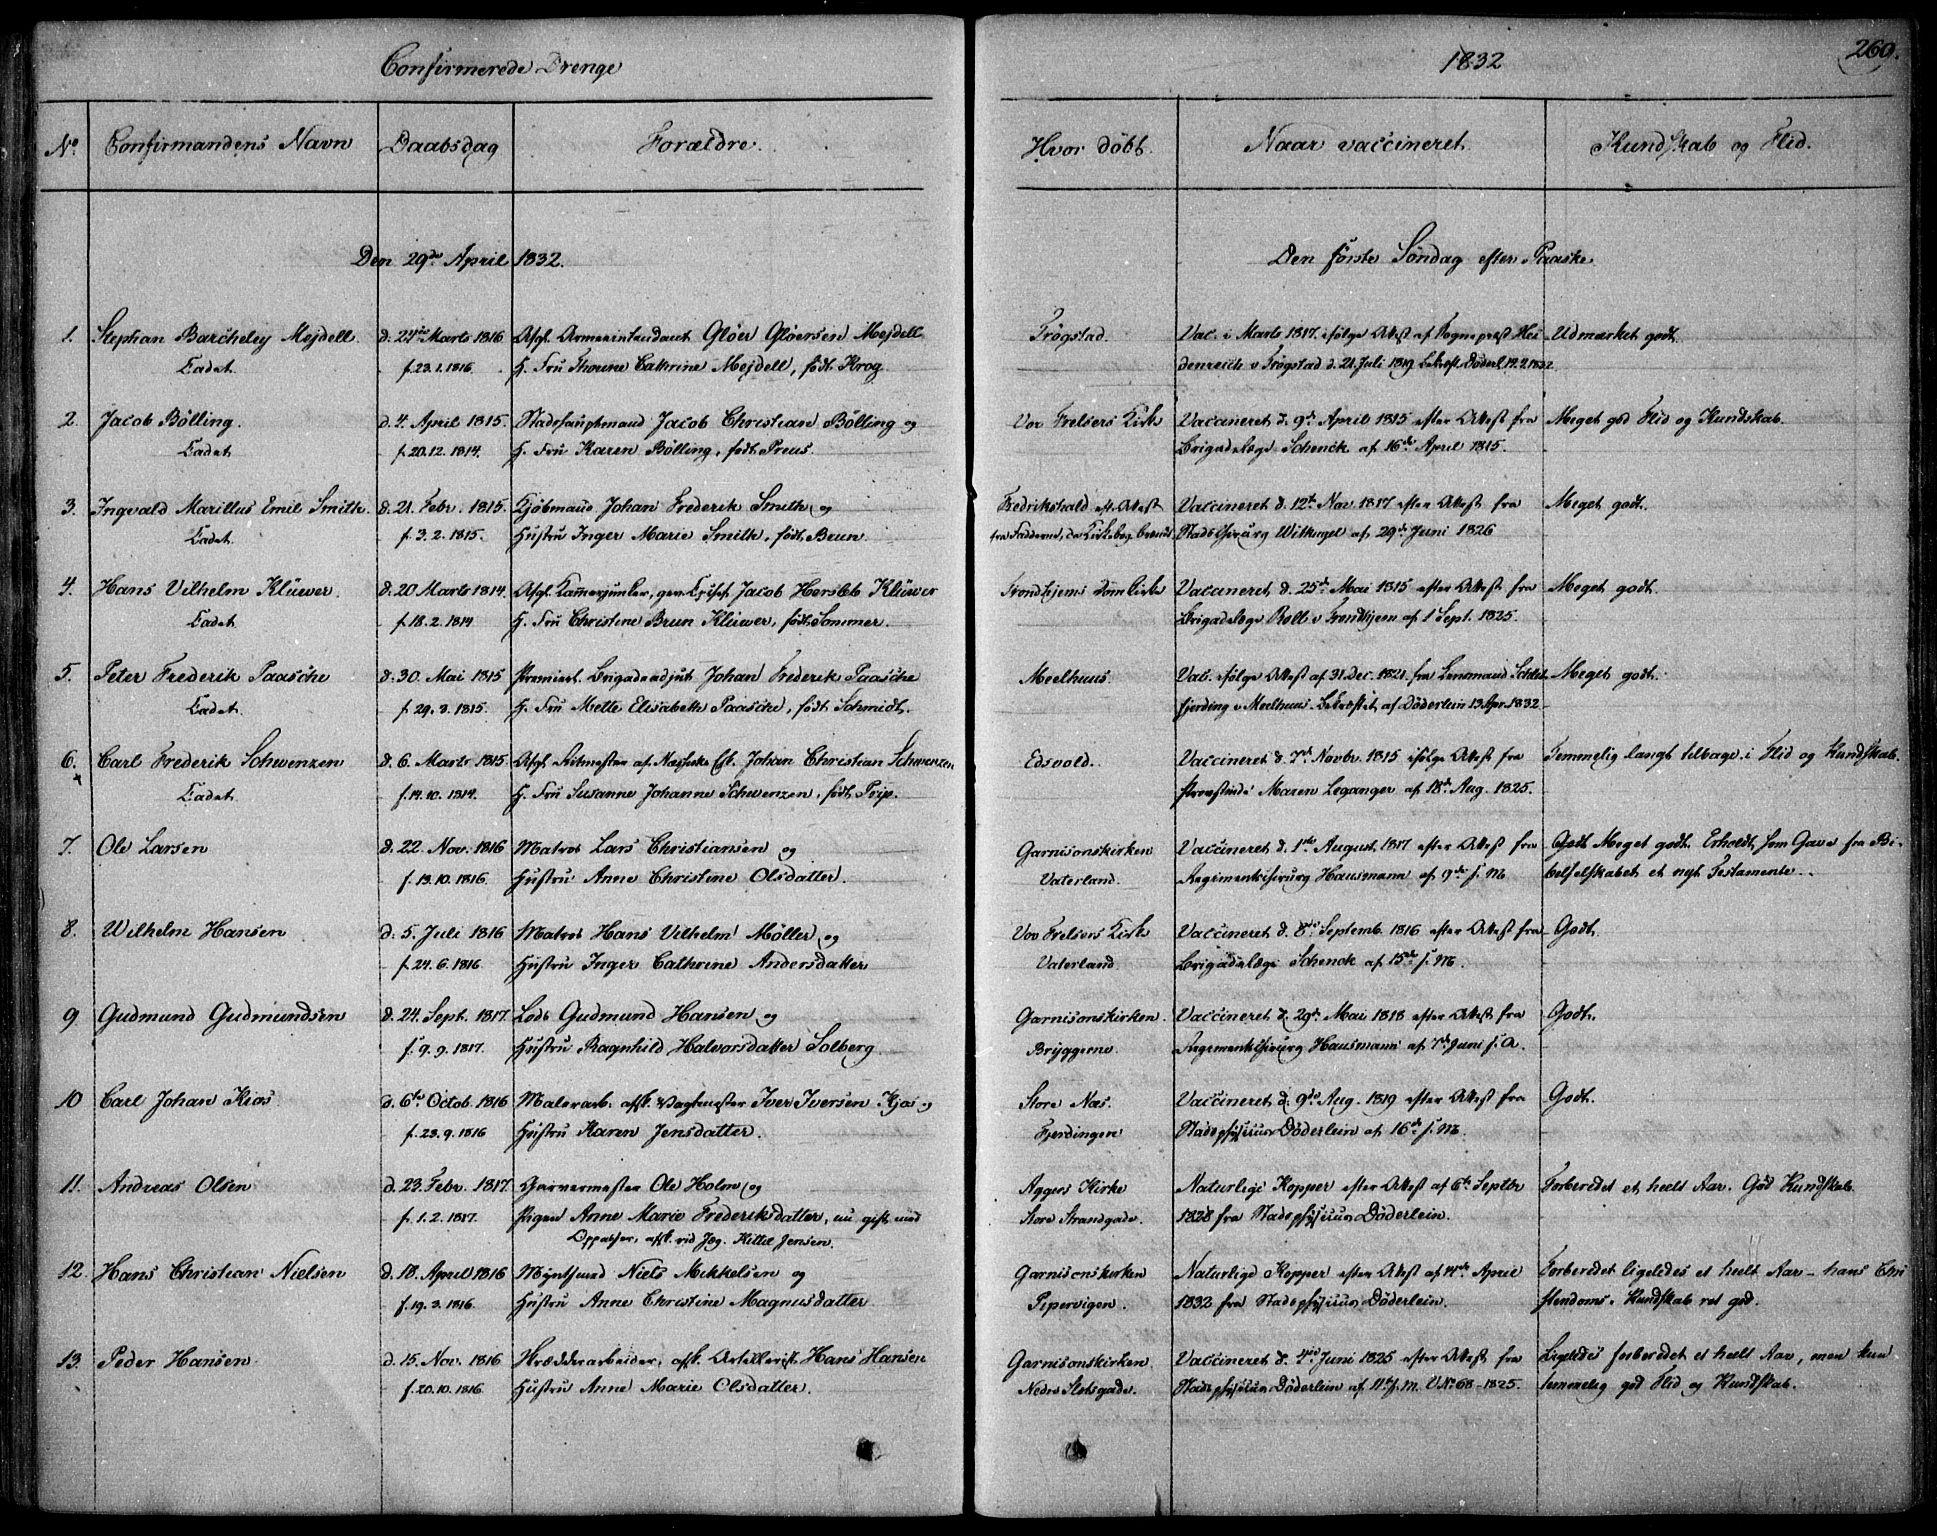 SAO, Garnisonsmenigheten Kirkebøker, F/Fa/L0006: Ministerialbok nr. 6, 1828-1841, s. 269